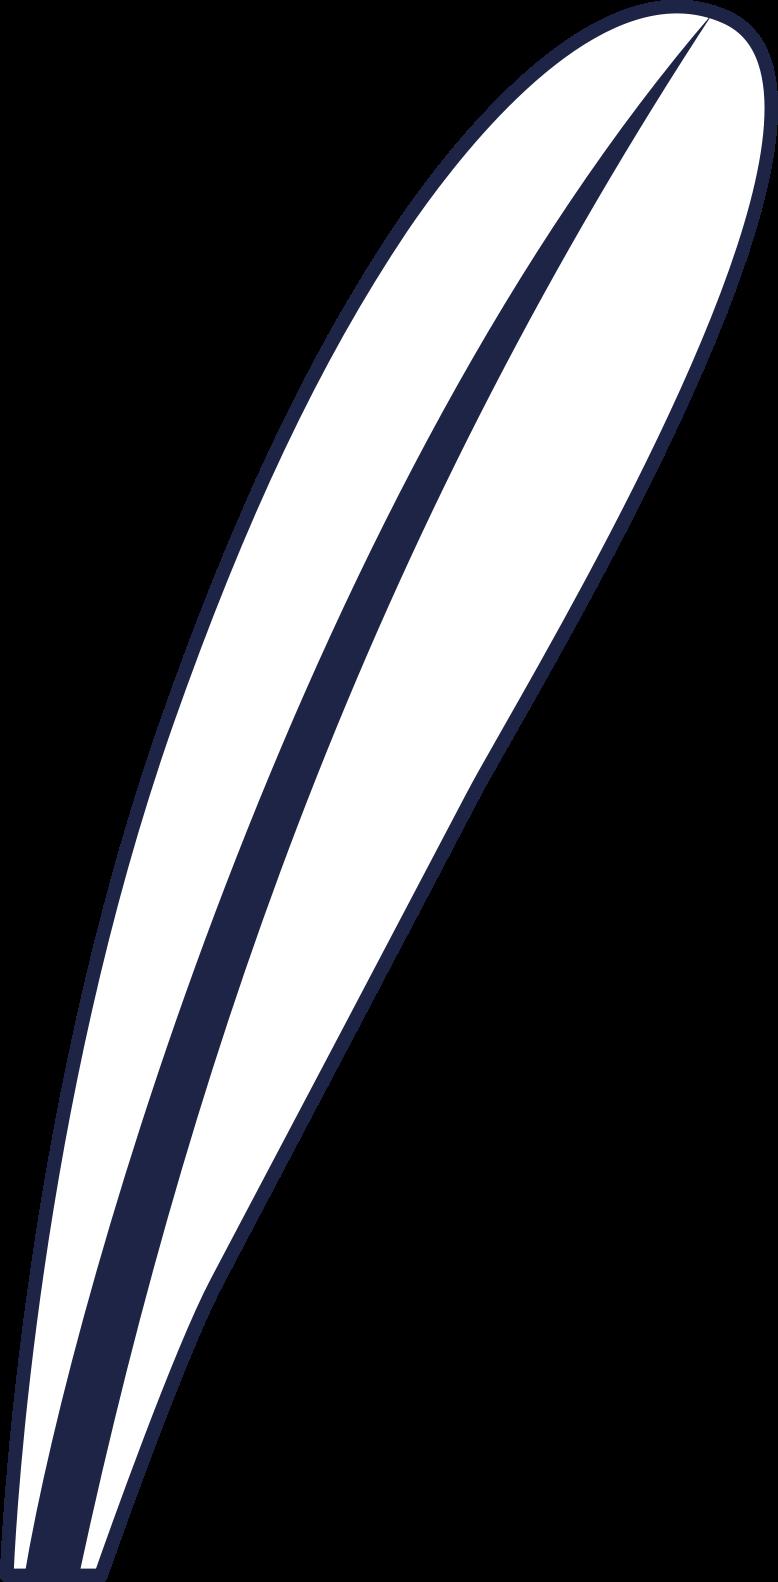 leaf 5 line Clipart illustration in PNG, SVG